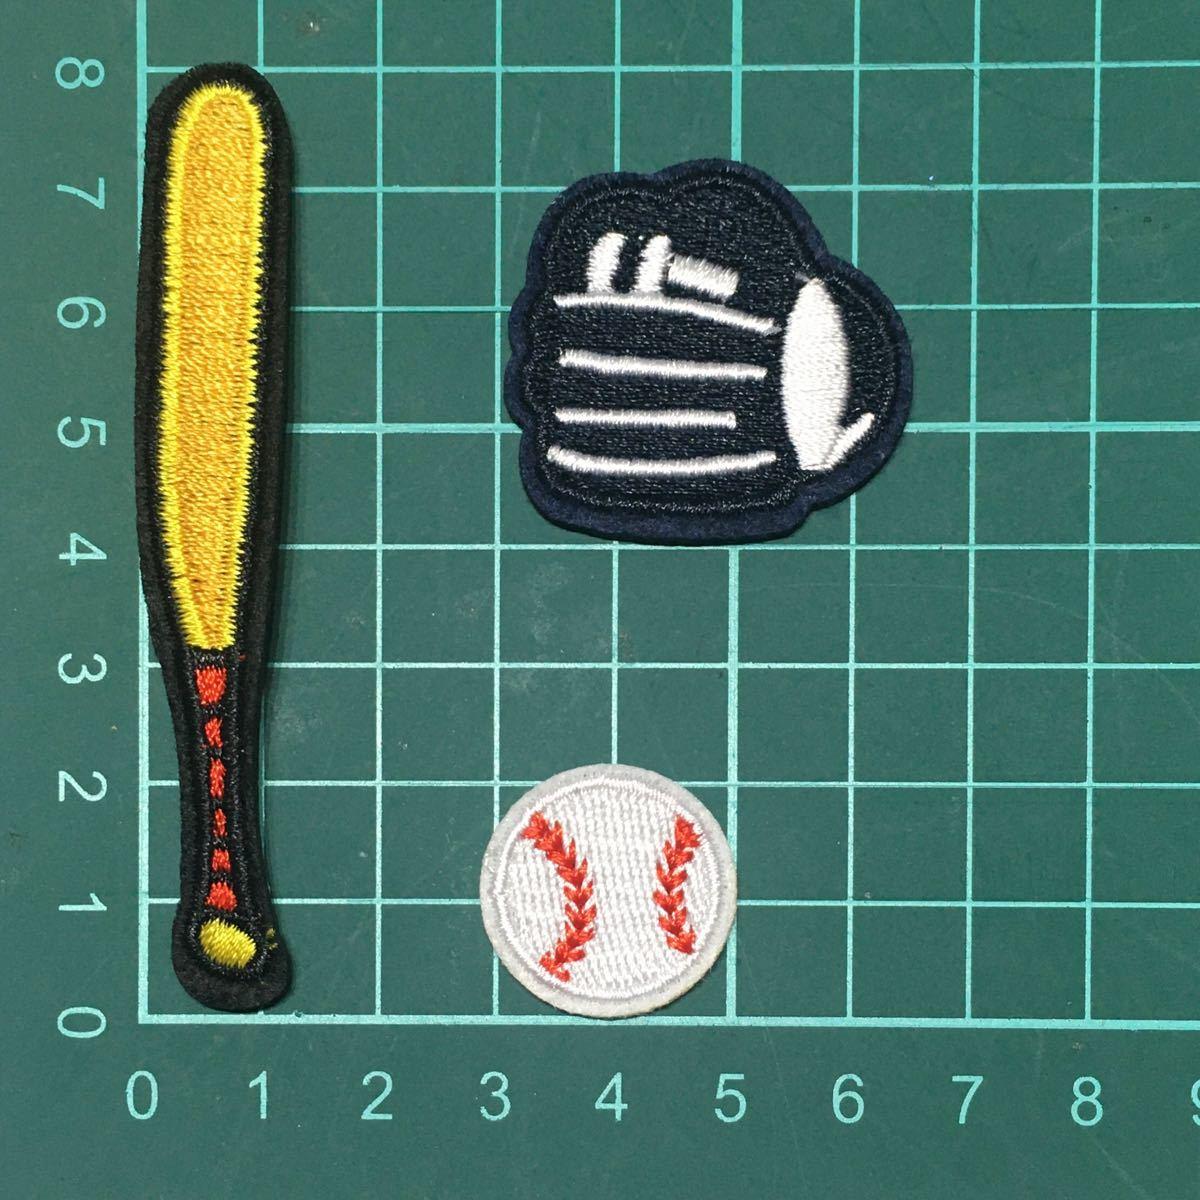 アイロンワッペン 刺繍ワッペン 野球